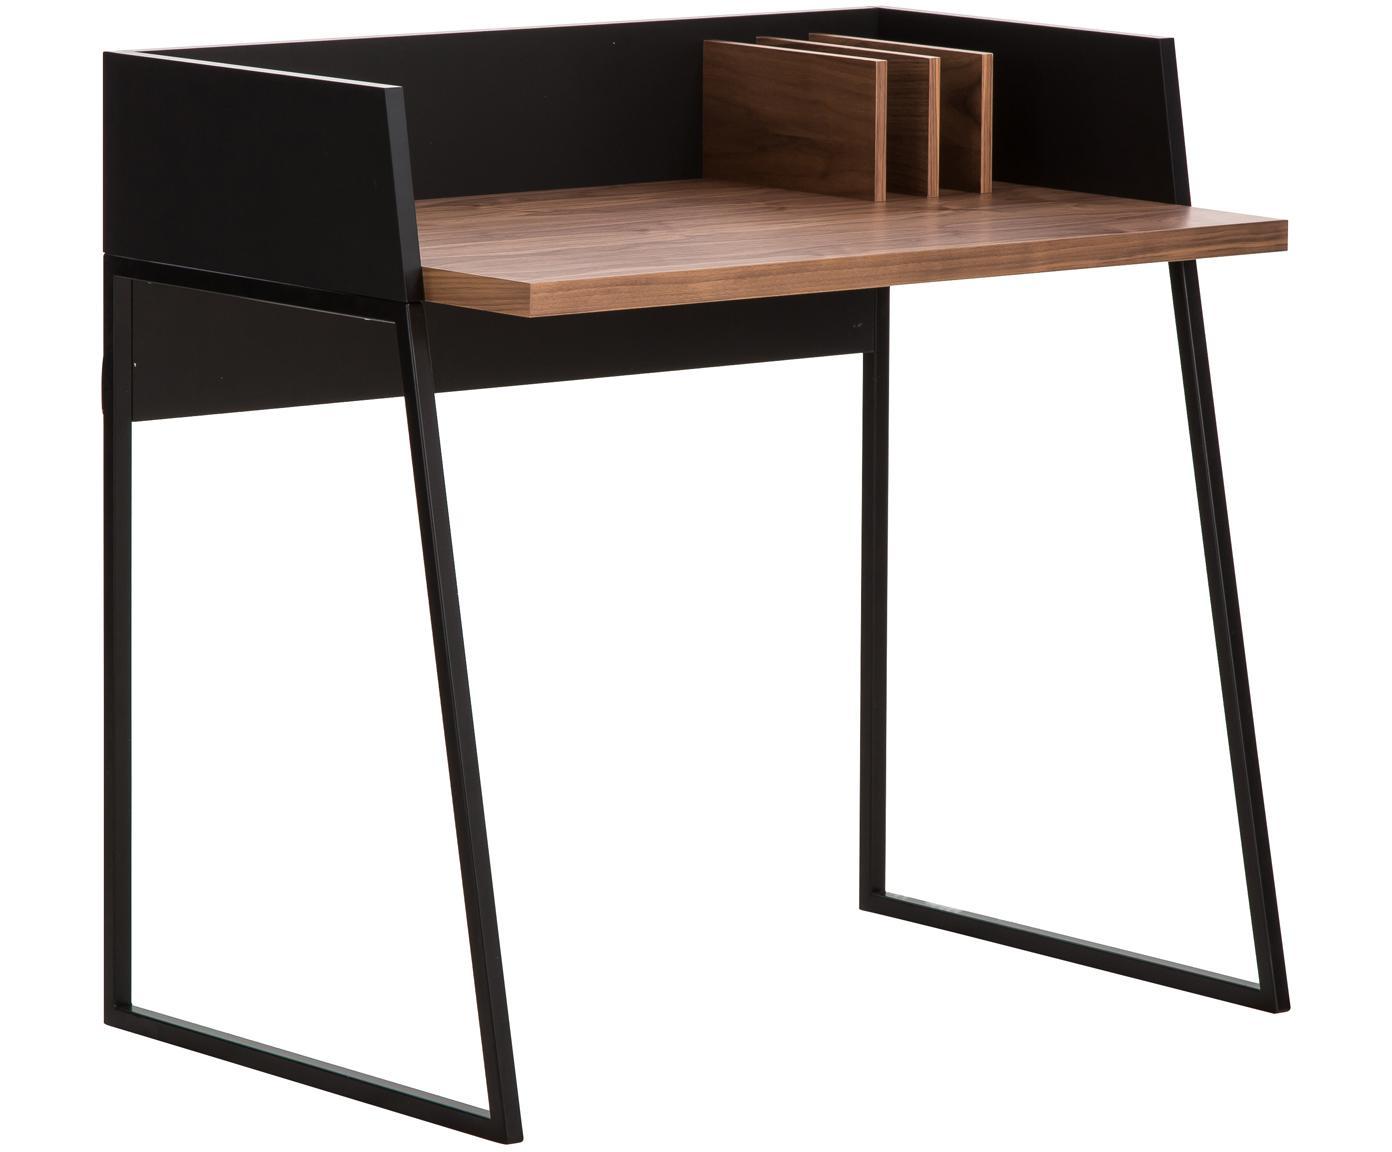 Kleiner Schreibtisch Camille mit Ablage, Beine: Metall, lackiert, Walnussholz, Schwarz, B 90 x T 60 cm